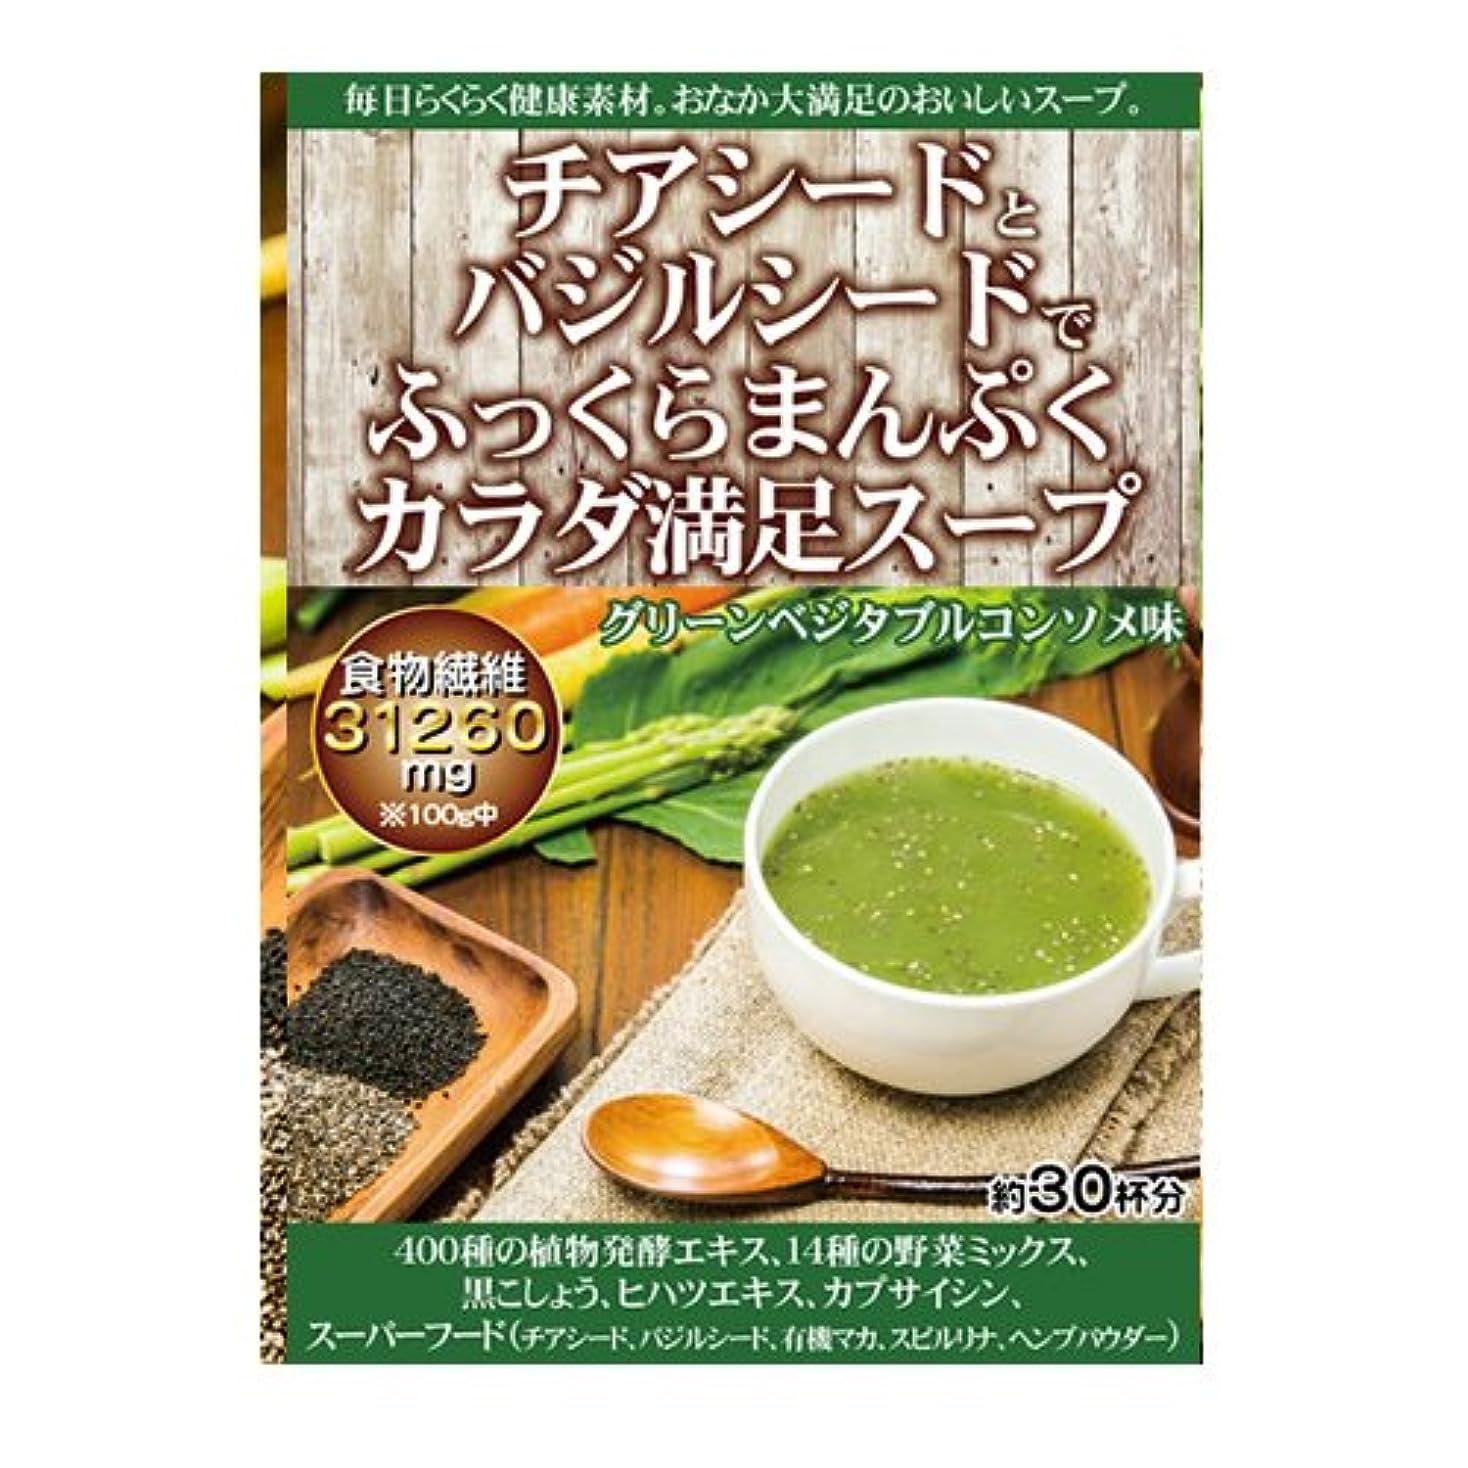 気配りのある衝動地殻チアシードとバジルシードでふっくらまんぷくカラダ満足スープ(グリーンベジタブルコンソメ味)